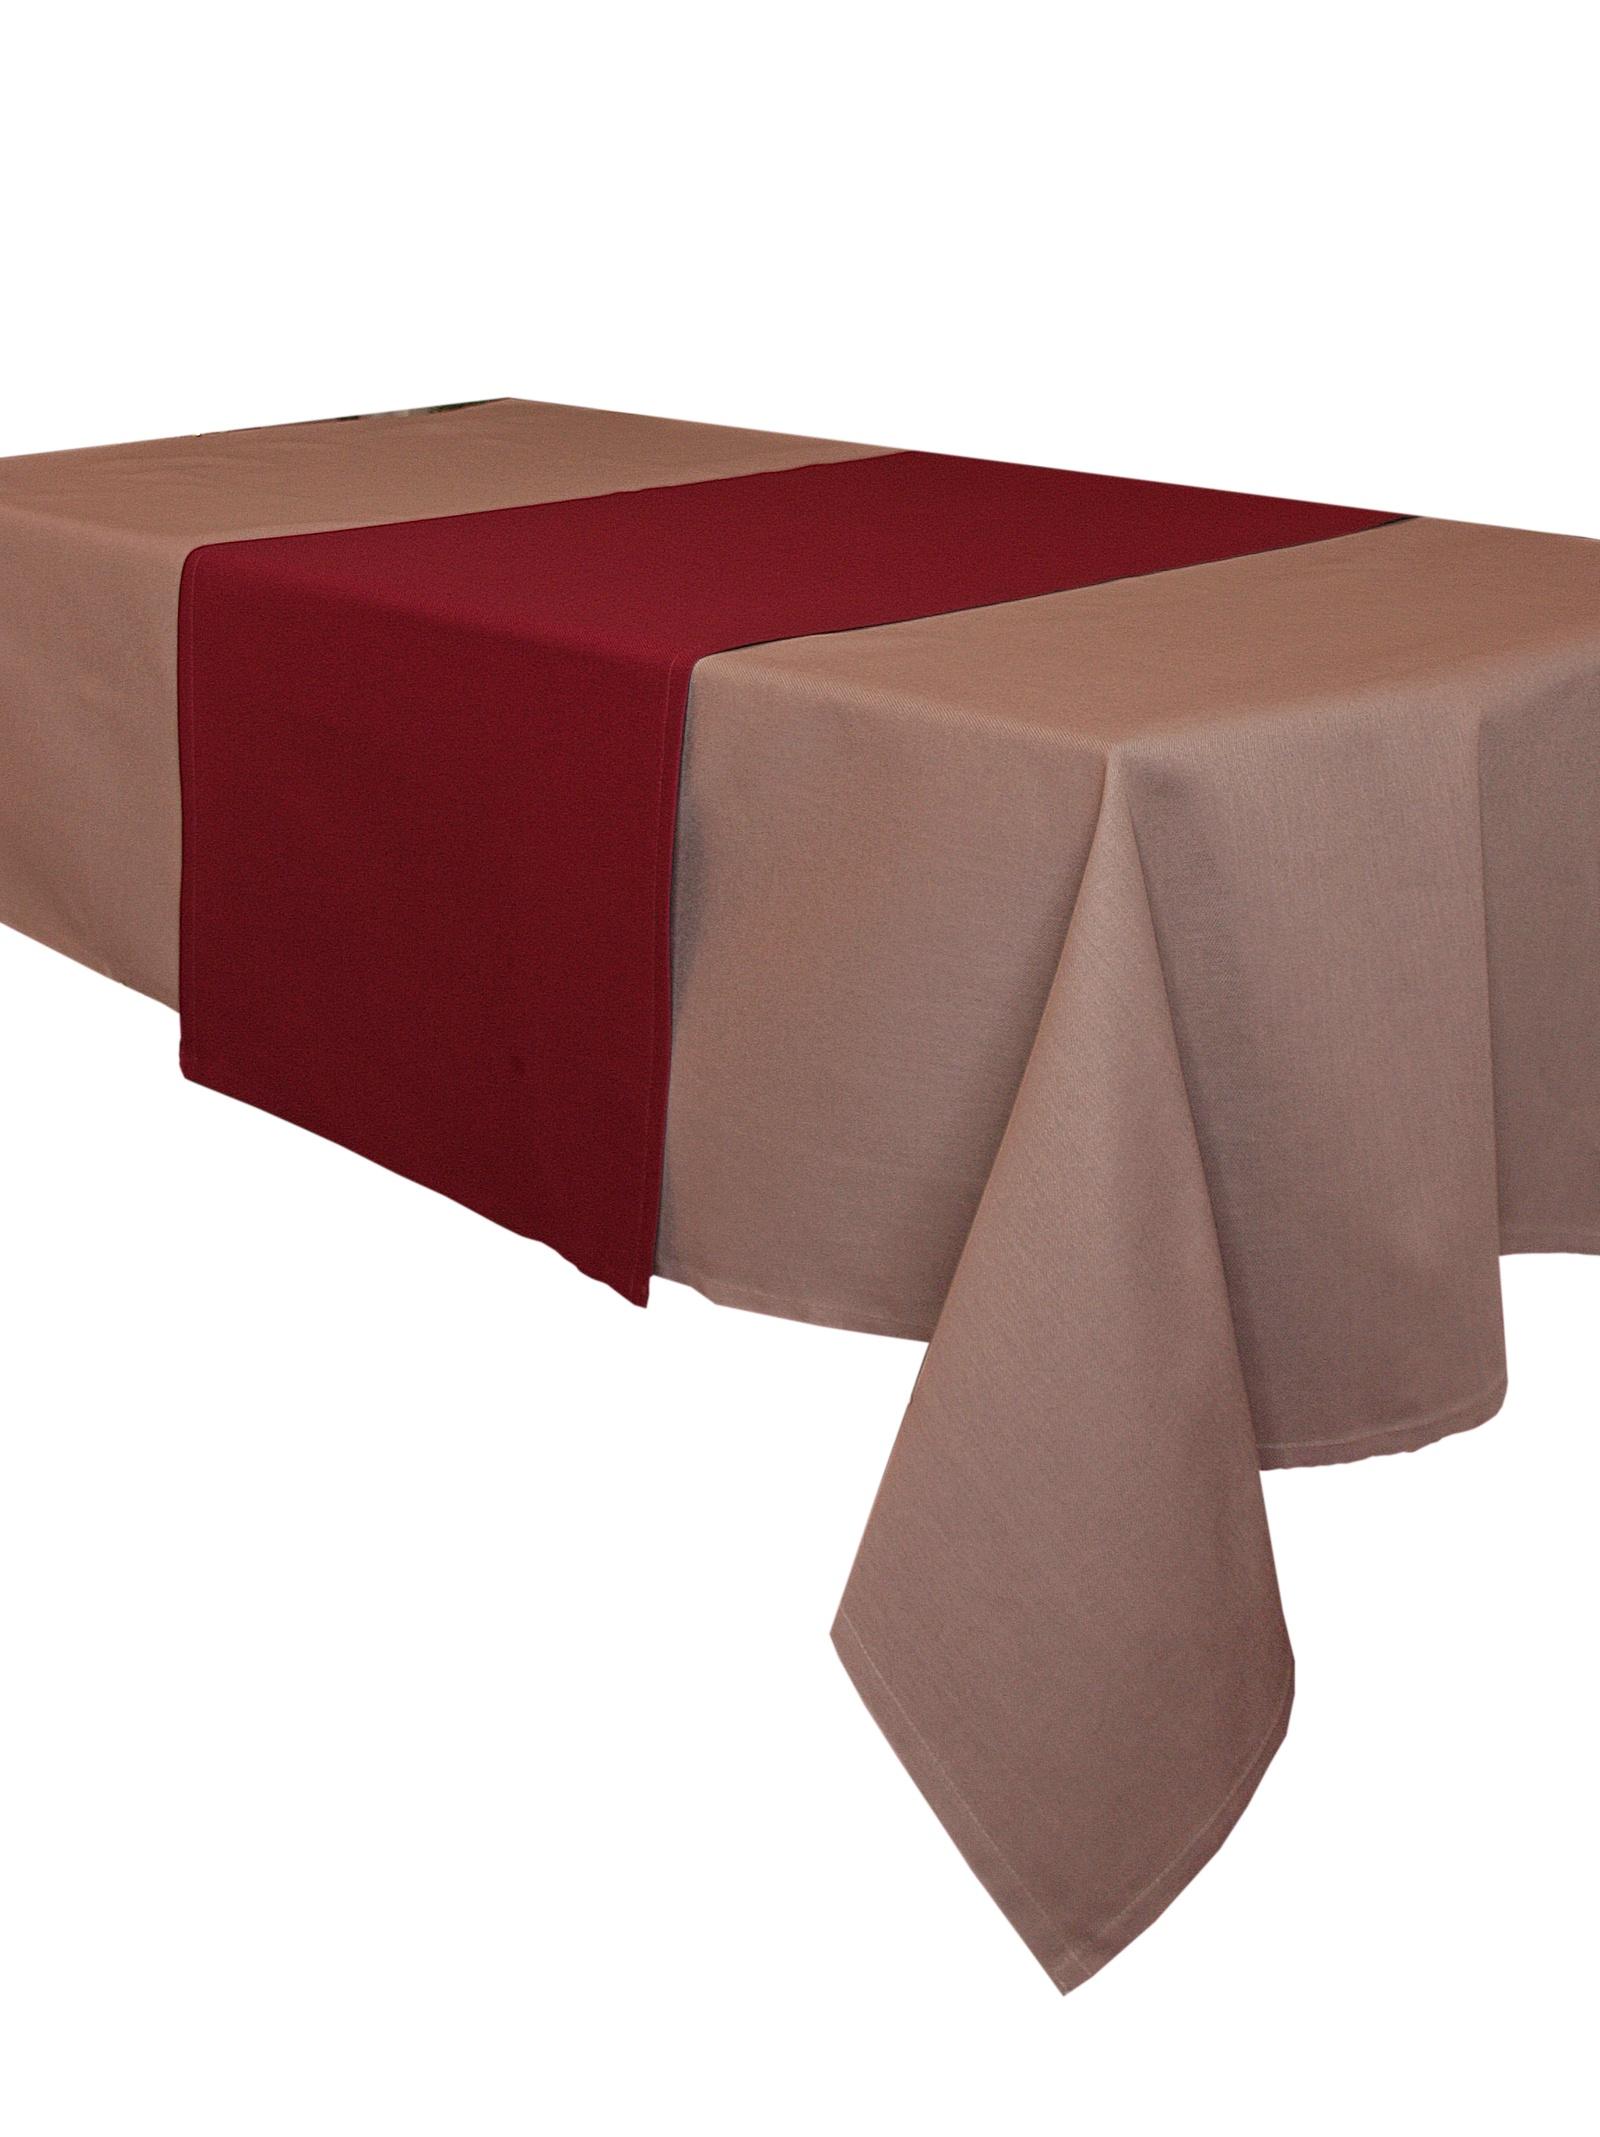 Дорожка столовая ТД Натурель бордовый 45х150 Однотонная коллекция sans tabù столовая дорожка